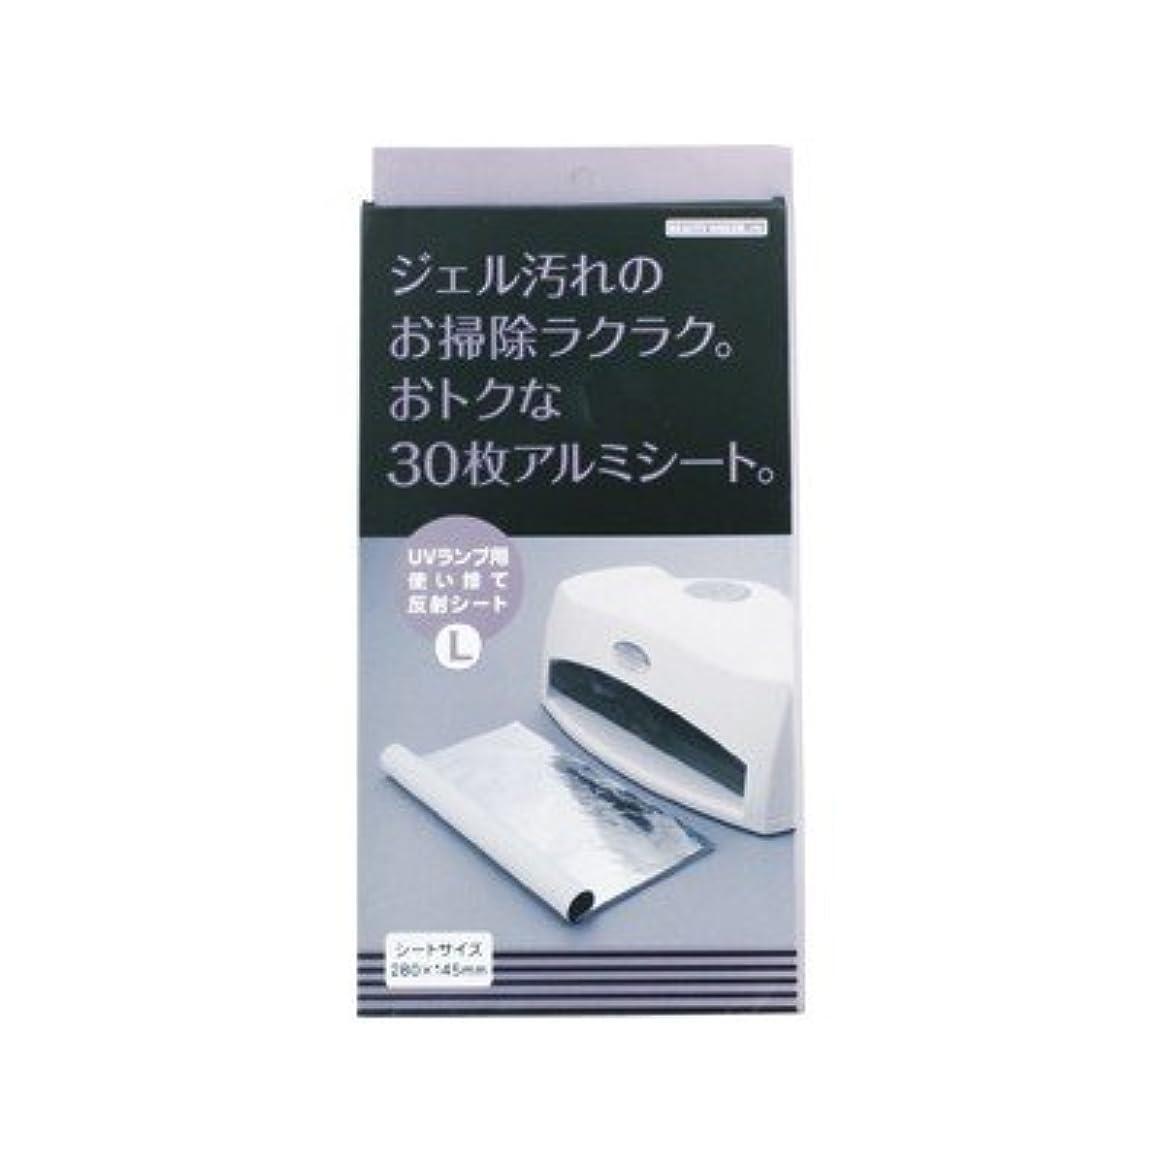 卒業記念アルバム入射情熱的ビューティーネイラー ネイルケア UVランプ用使い捨て反射シートL UVH-2